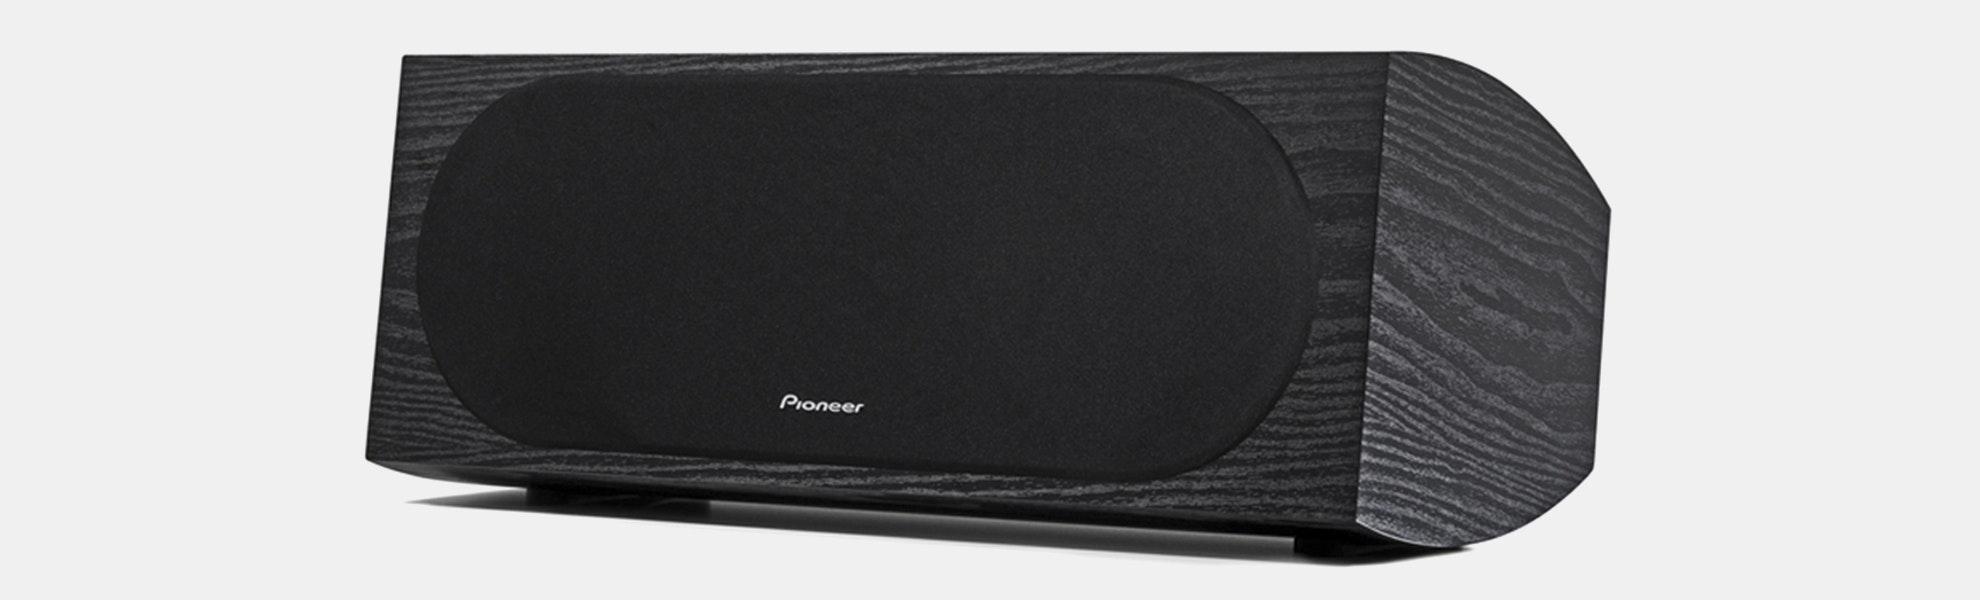 Pioneer Andrew Jones 2-Way Center-Channel Speaker